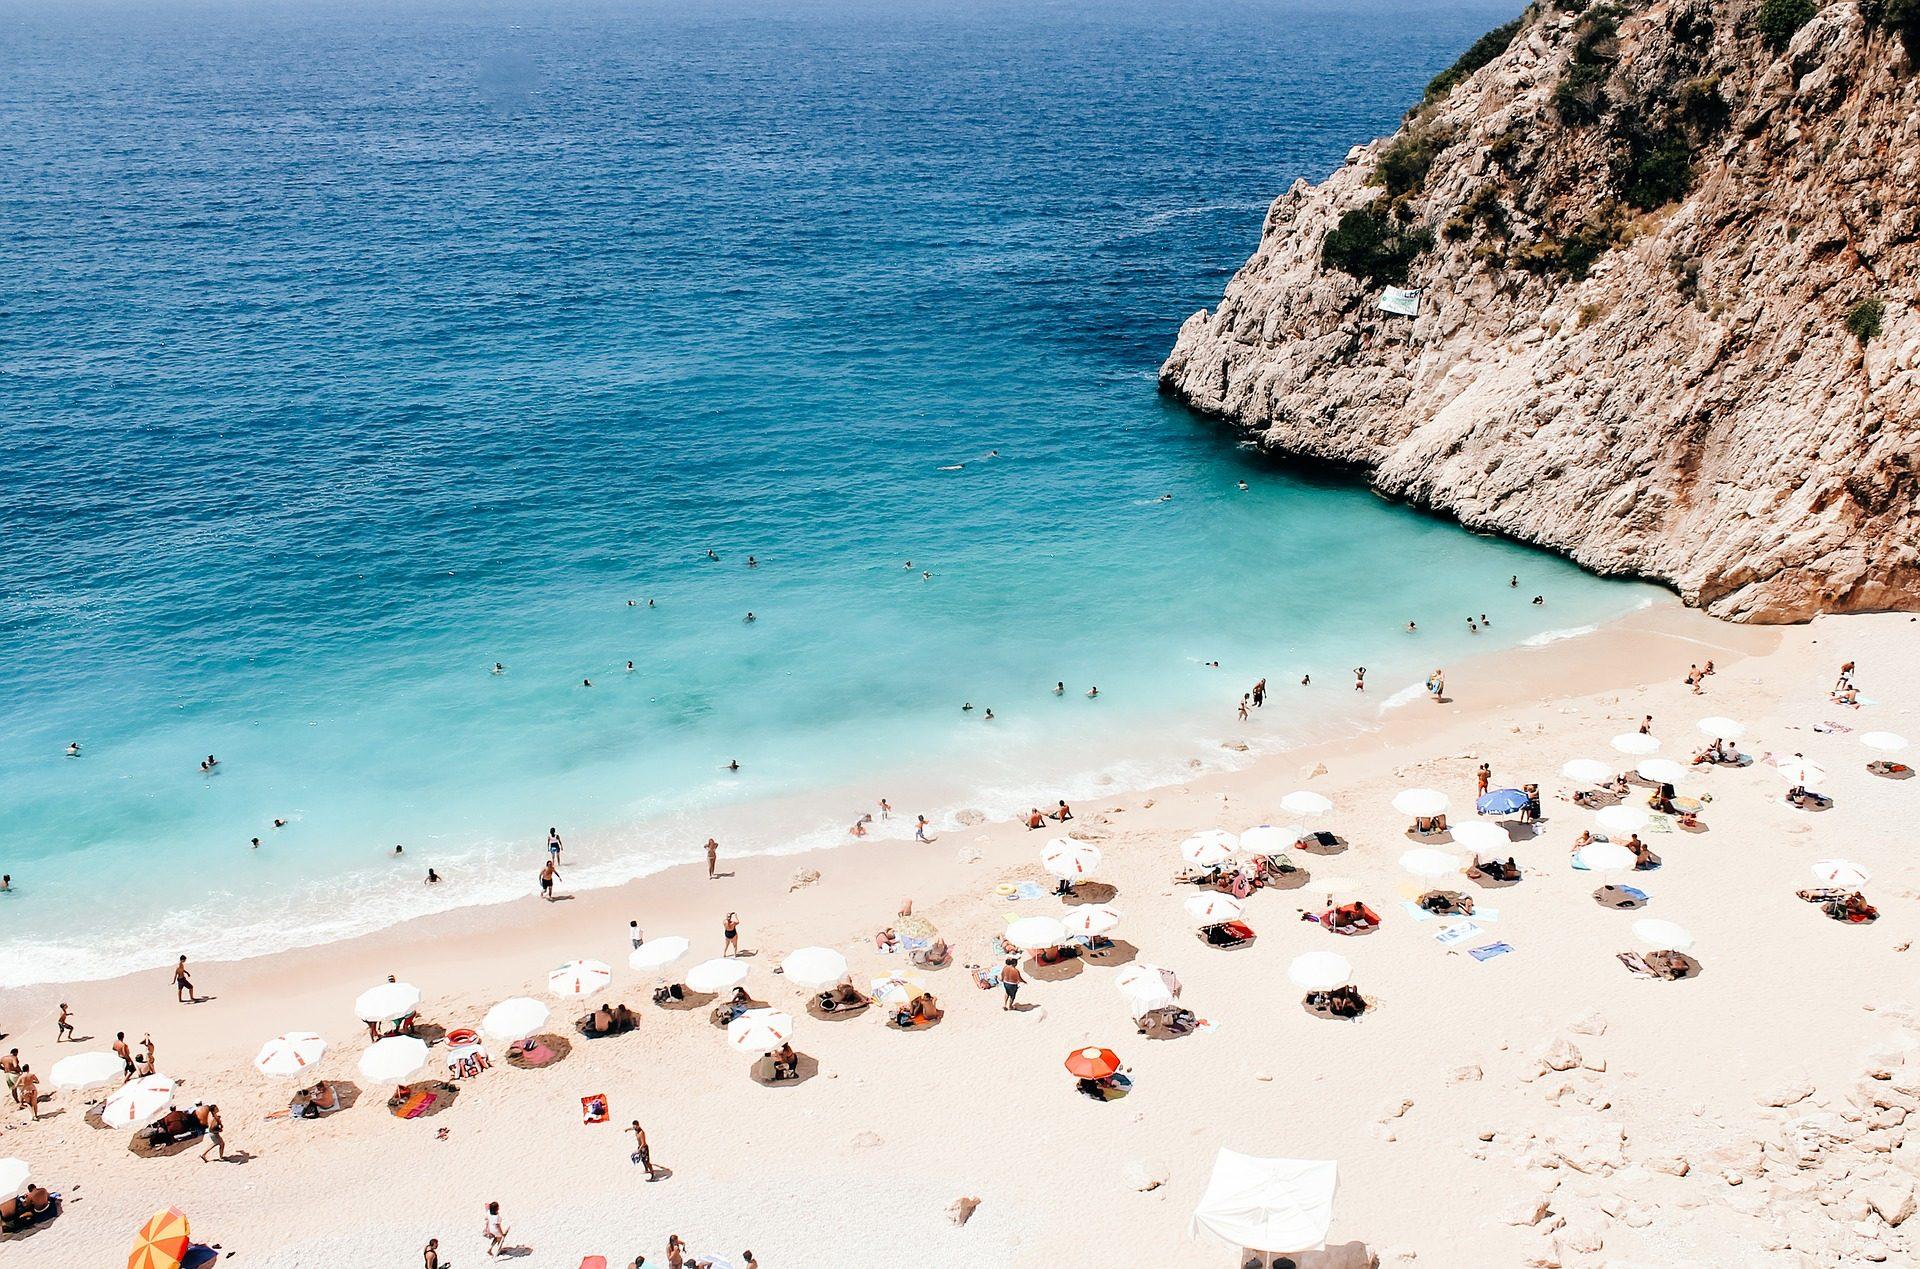 All Inclusive Urlaub Side Türkei im 5 Sterne Hotel günstig